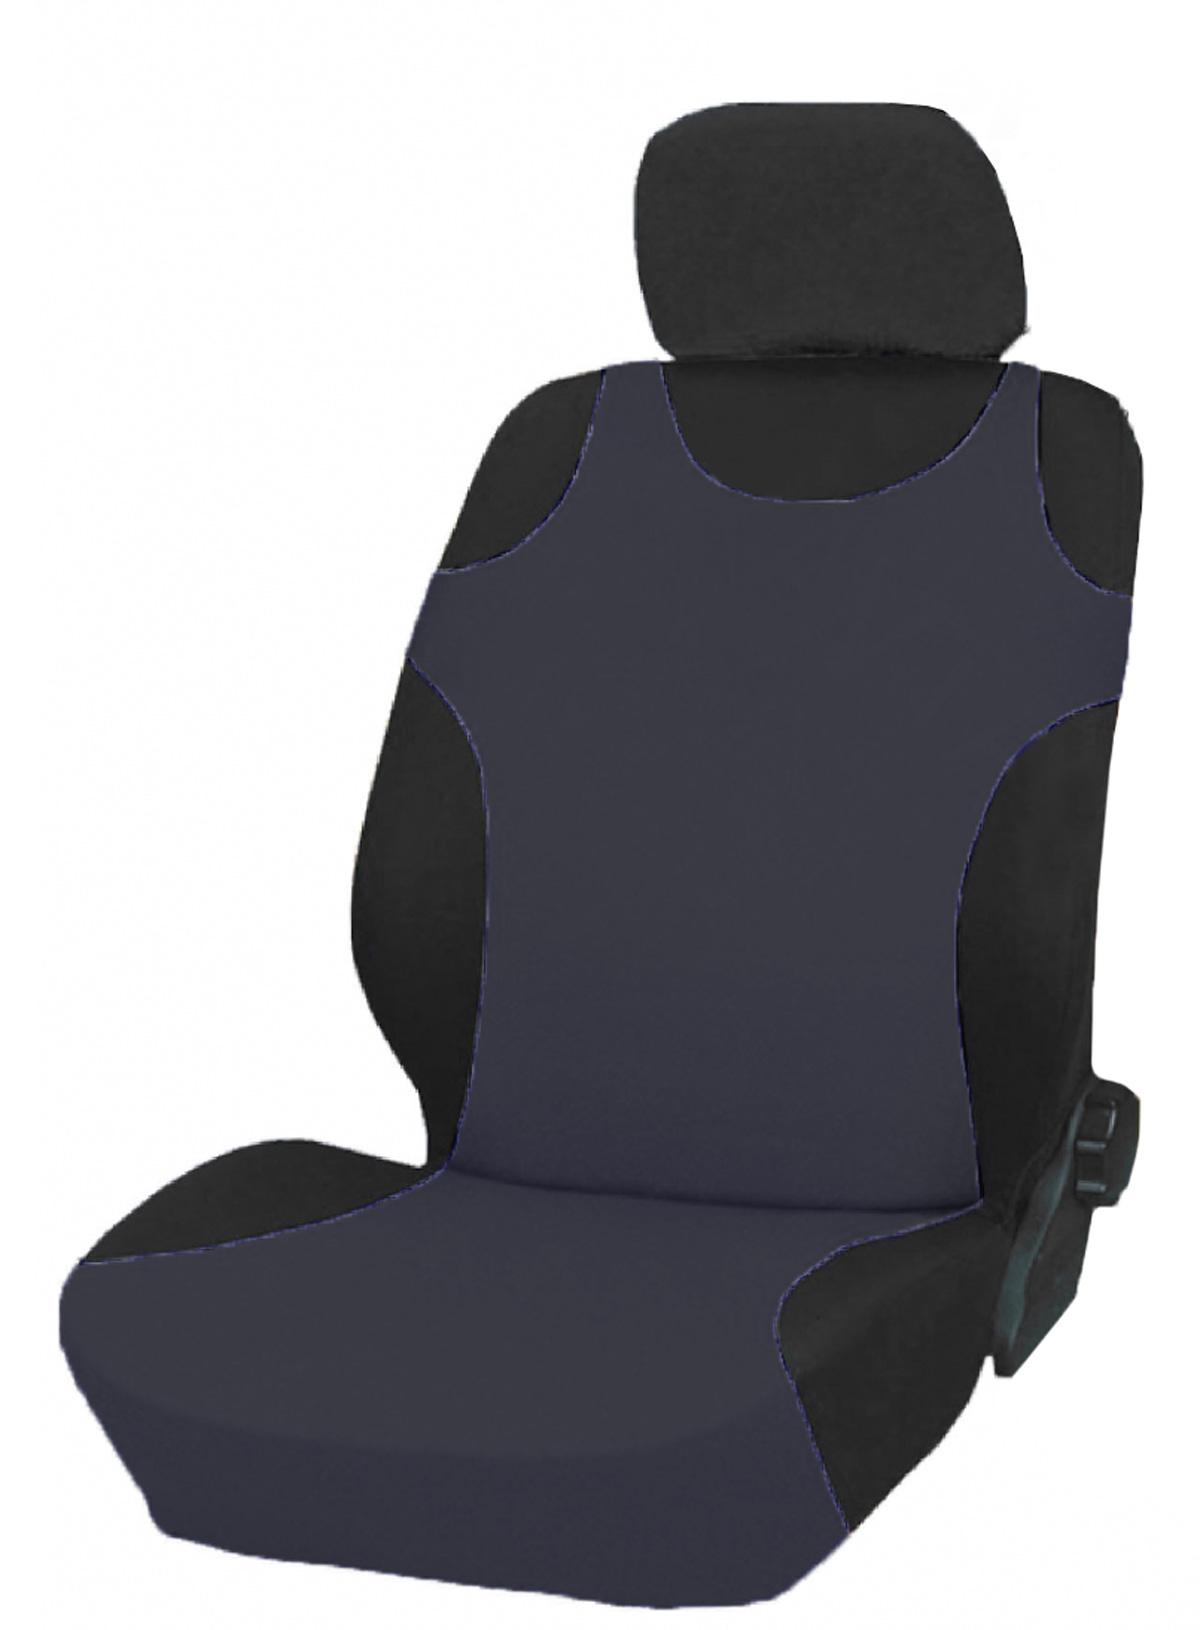 Чехол-майка на переднее сиденье Phantom, цвет: серый, 2 шт98298130Чехол-майка на переднее сиденье Phantom выполнен из полиэстера с поролоновой подложкой. Комплект состоит из двух чехлов-маек на передние сиденья автомобиля. Чехлы имеют универсальный размер и могут использоваться на сиденьях со встроенными боковыми подушками безопасности. Размеры: 112 см (+10 см резинка) х 46 см (по спинке сиденья, немного растягивается).